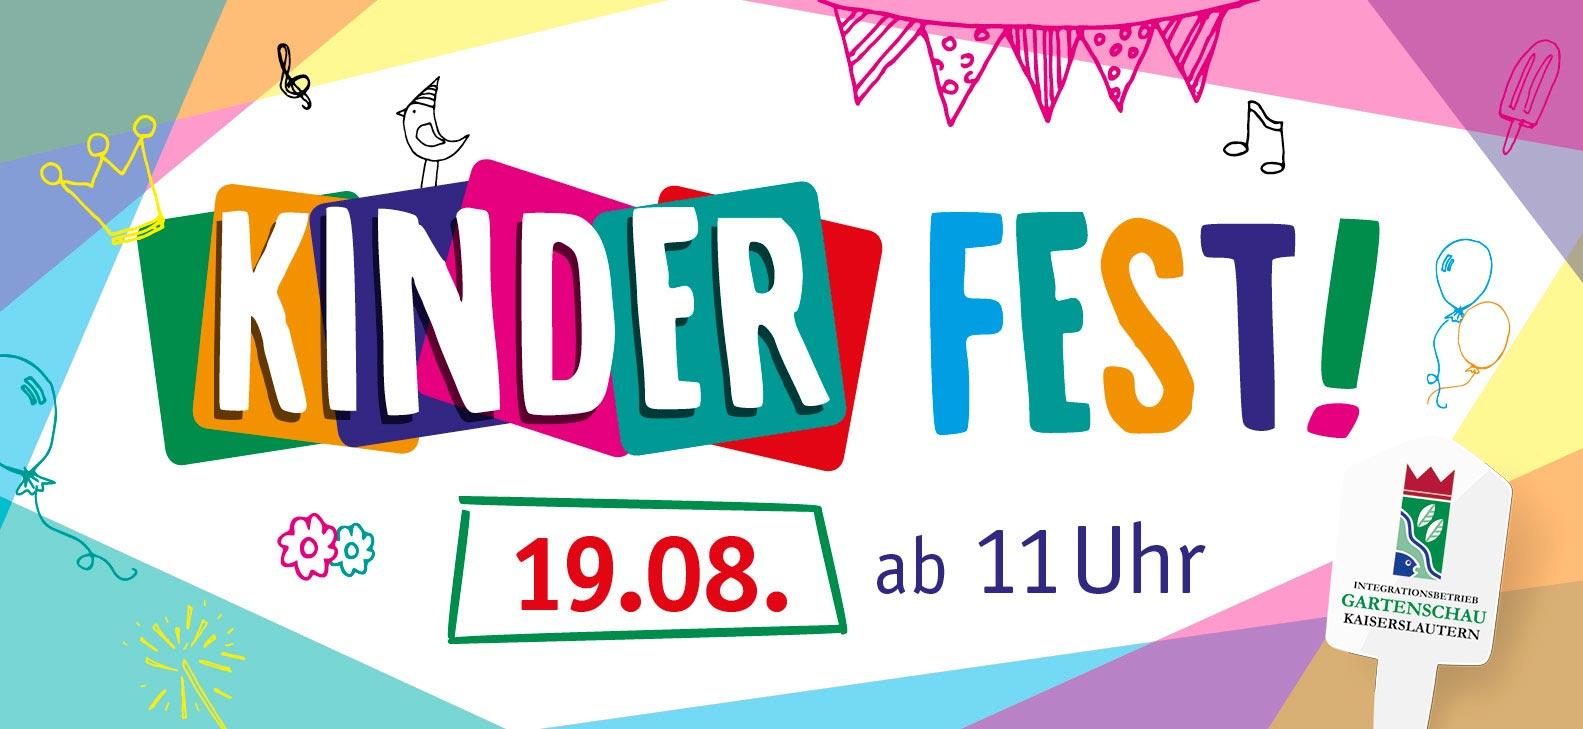 13130-Slider-Kinderfest_web.jpg